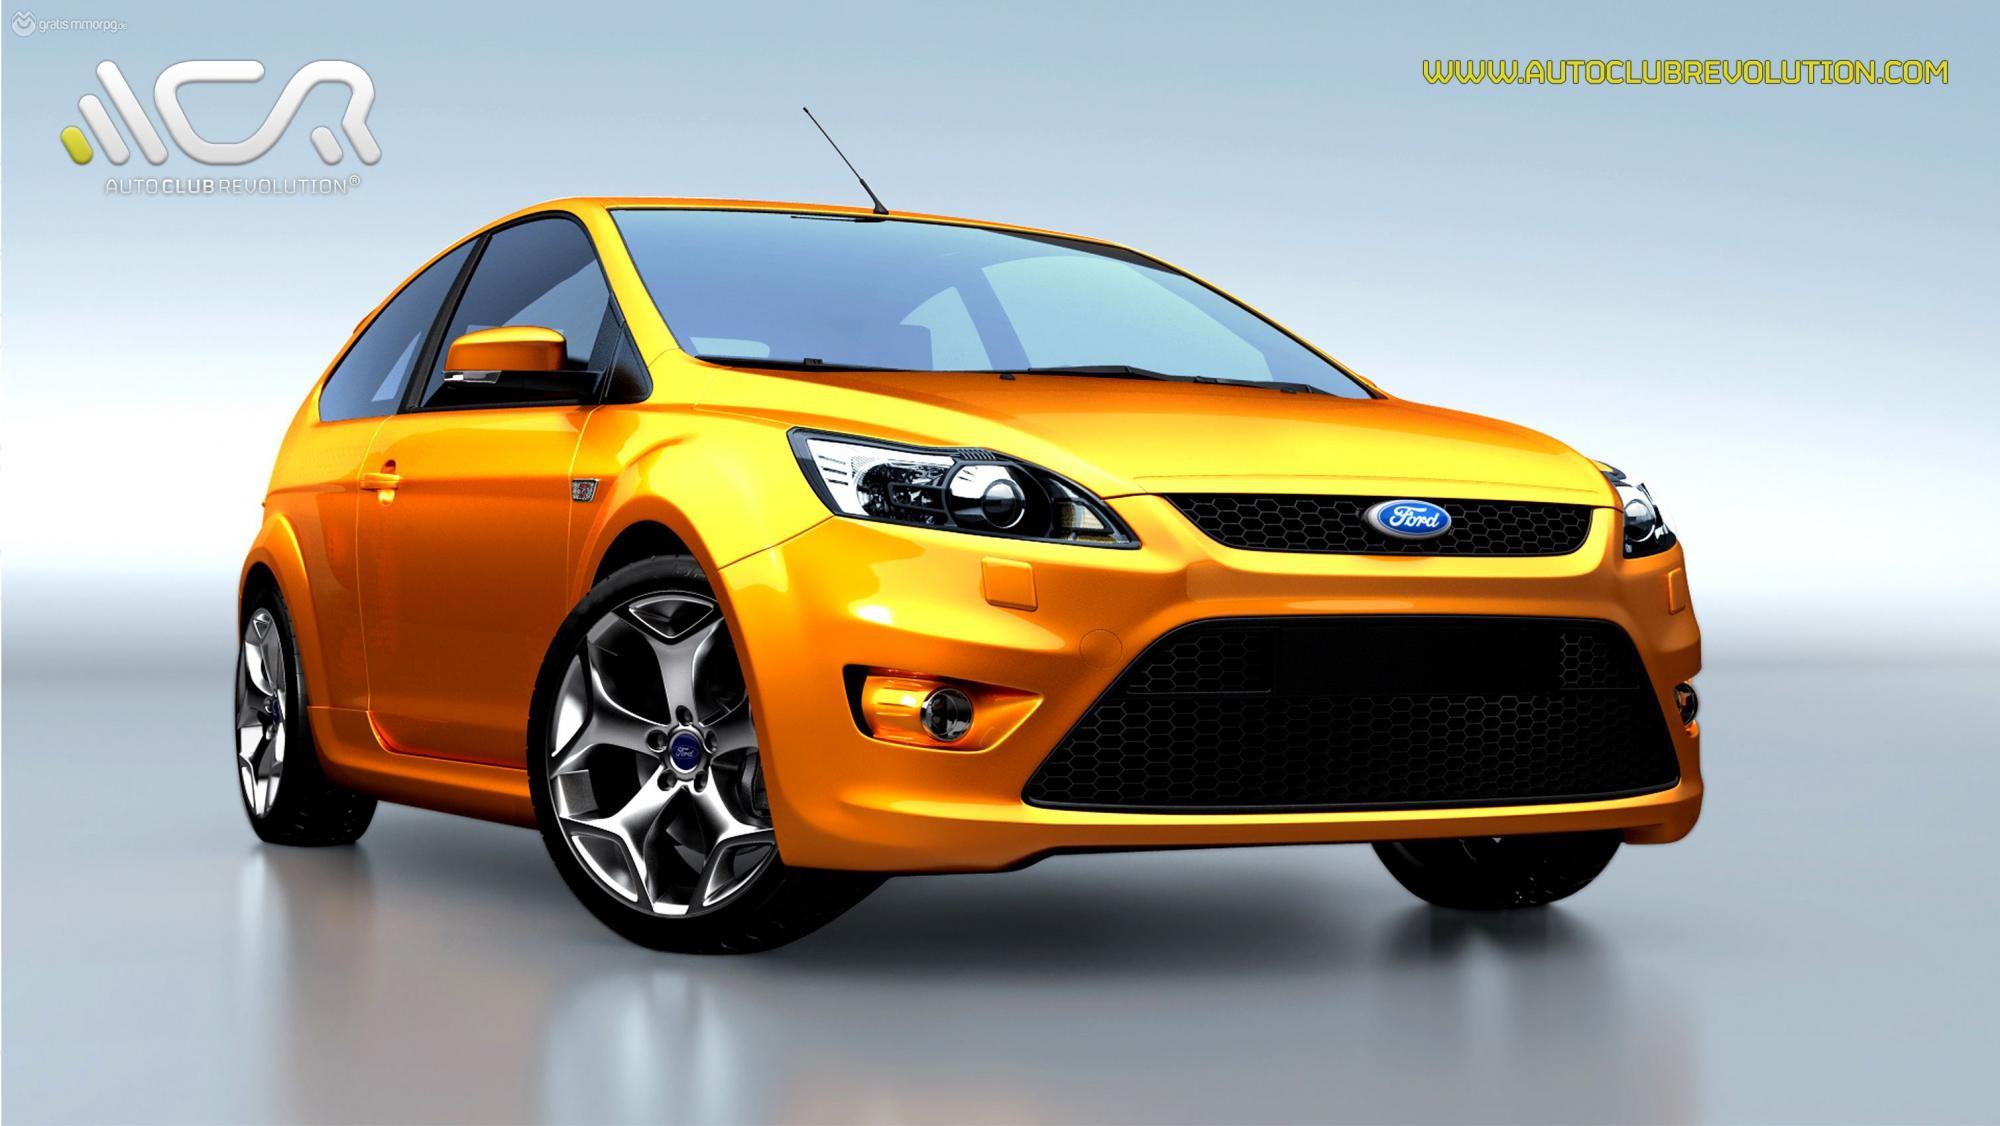 Klicke auf die Grafik für eine größere AnsichtName:ACR - Ford Focus ST.jpgHits:62Größe:157,9 KBID:5862